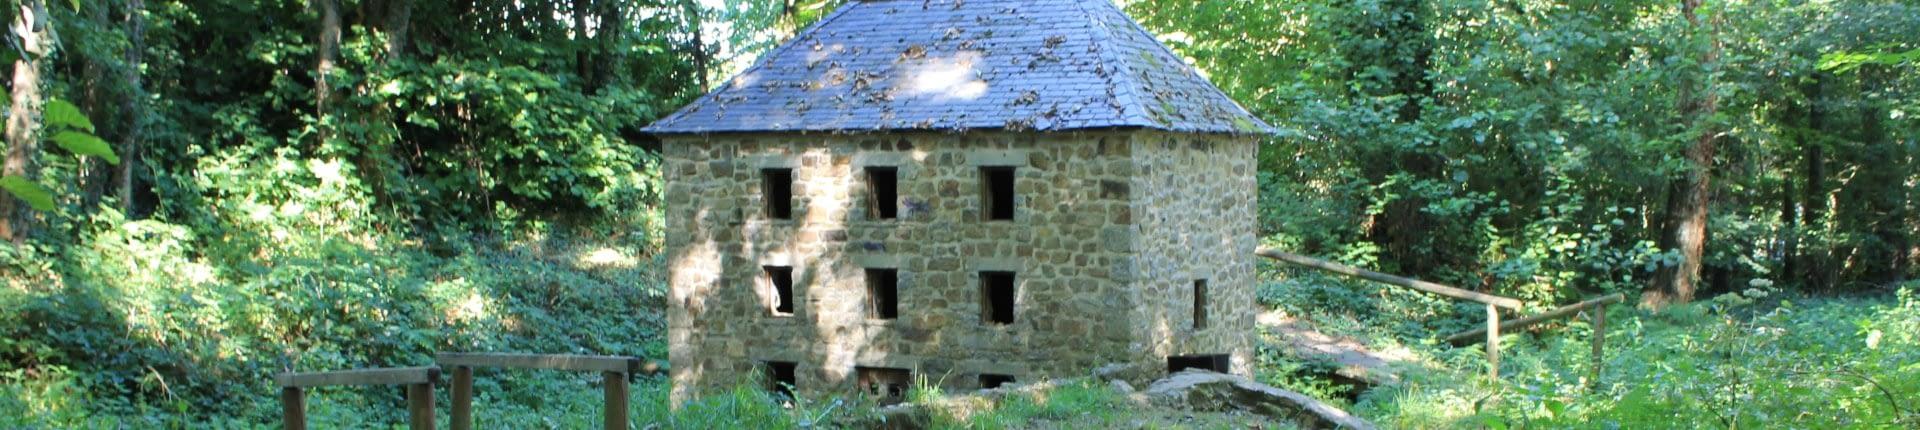 Moulin de la commune de Guitté